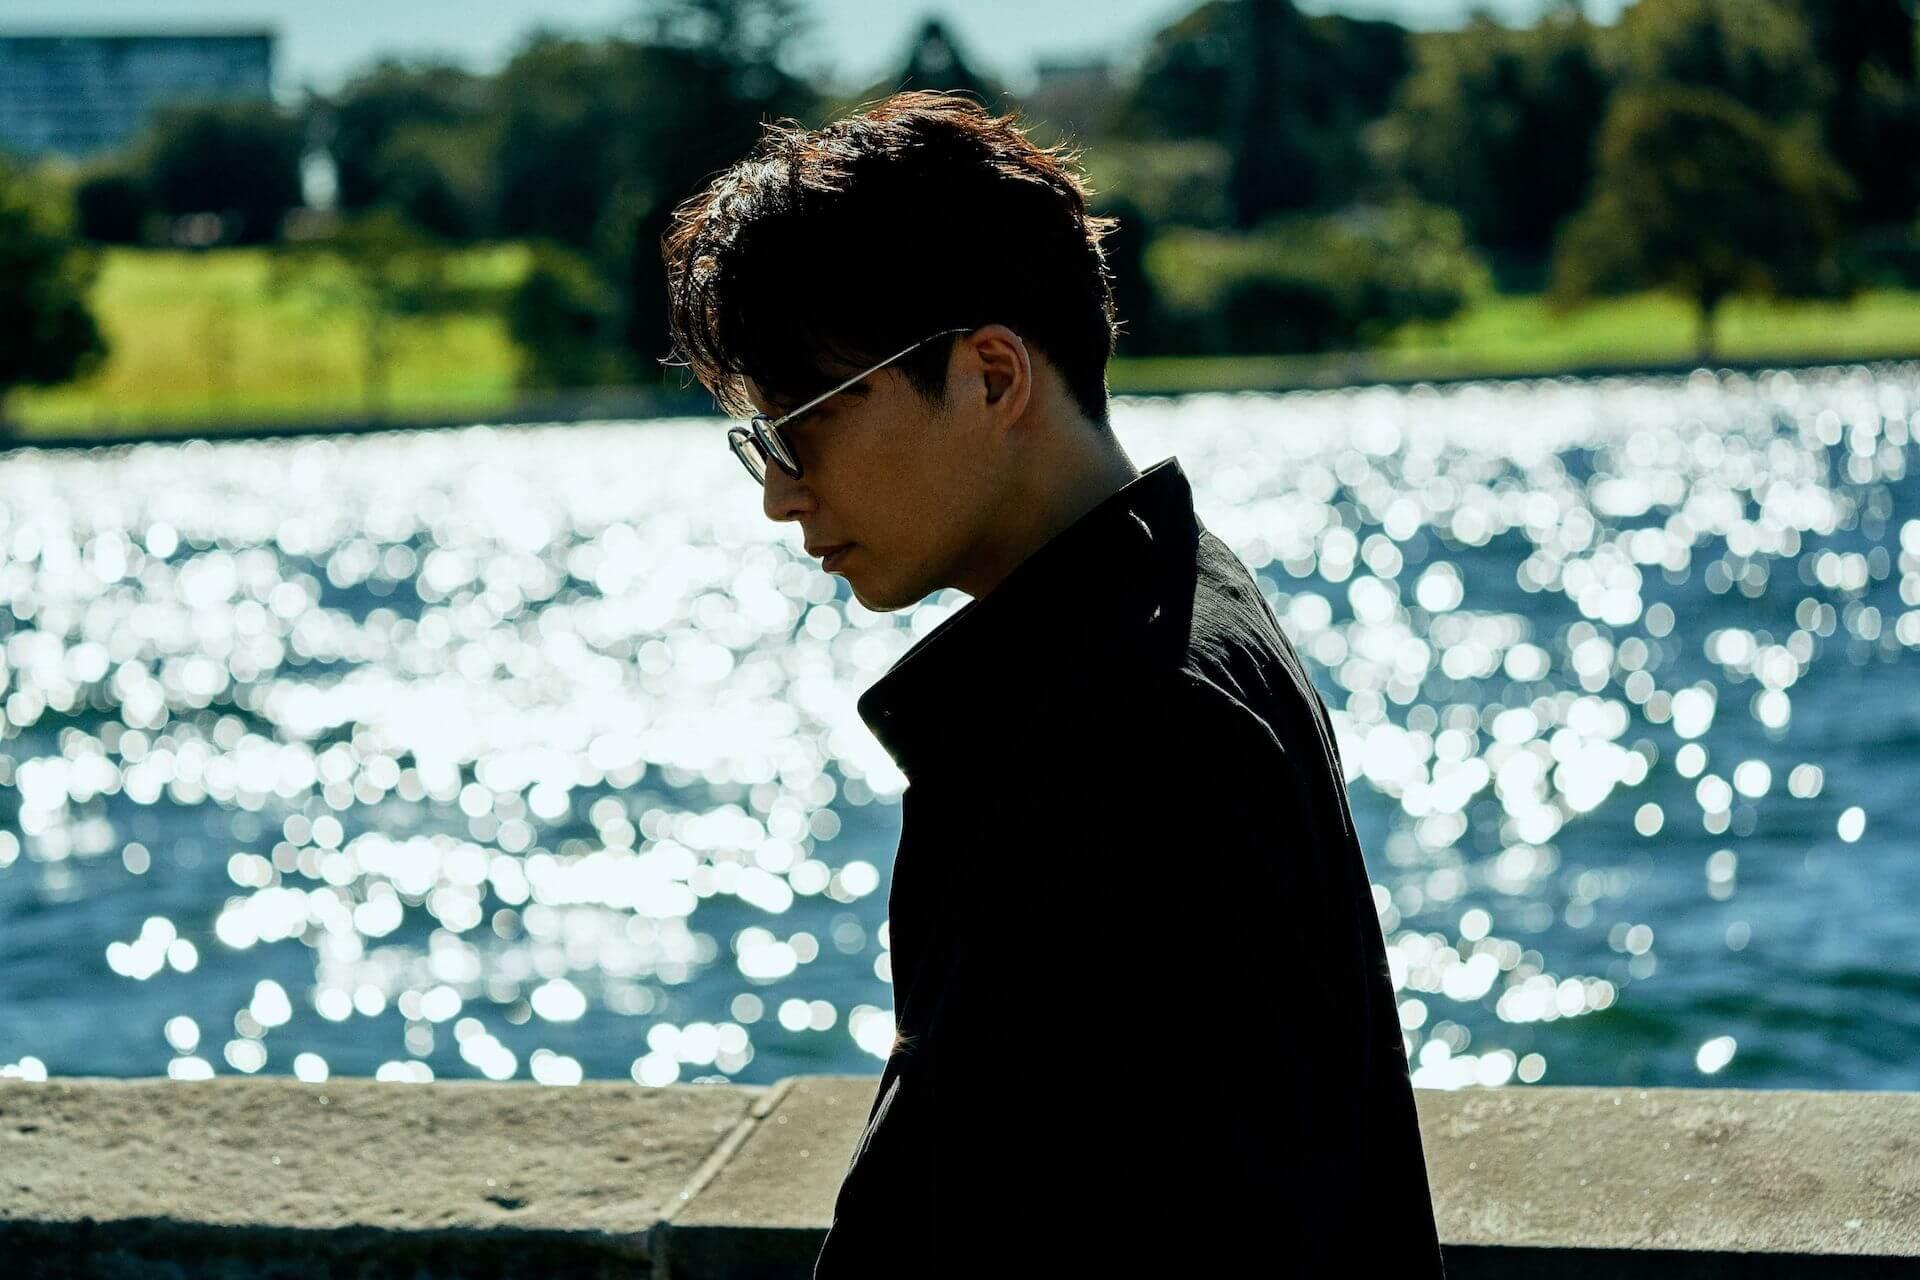 星野源、トム・ミッシュプロデュースの楽曲「Ain't Nobody Know」のMVを本日22時に公開|星野源インスタライブも決定 music200116_hoshinogen_mv_2